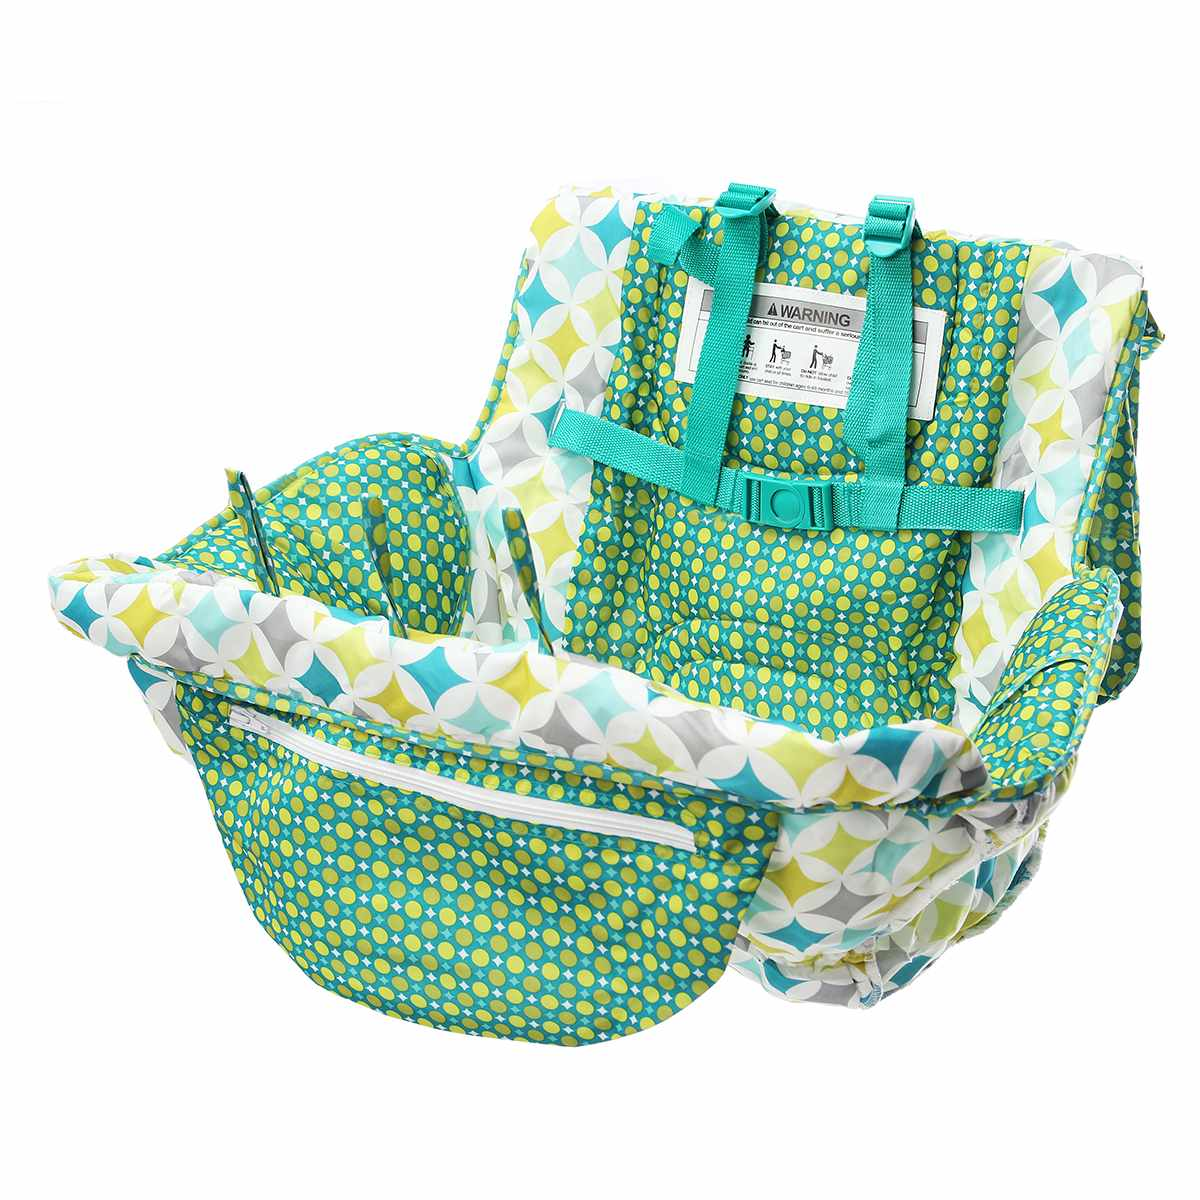 4 типа многофункциональные детские складные Защитные чехлы для тележки, мягкие детские защитные сиденья для детей - Цвет: Type C